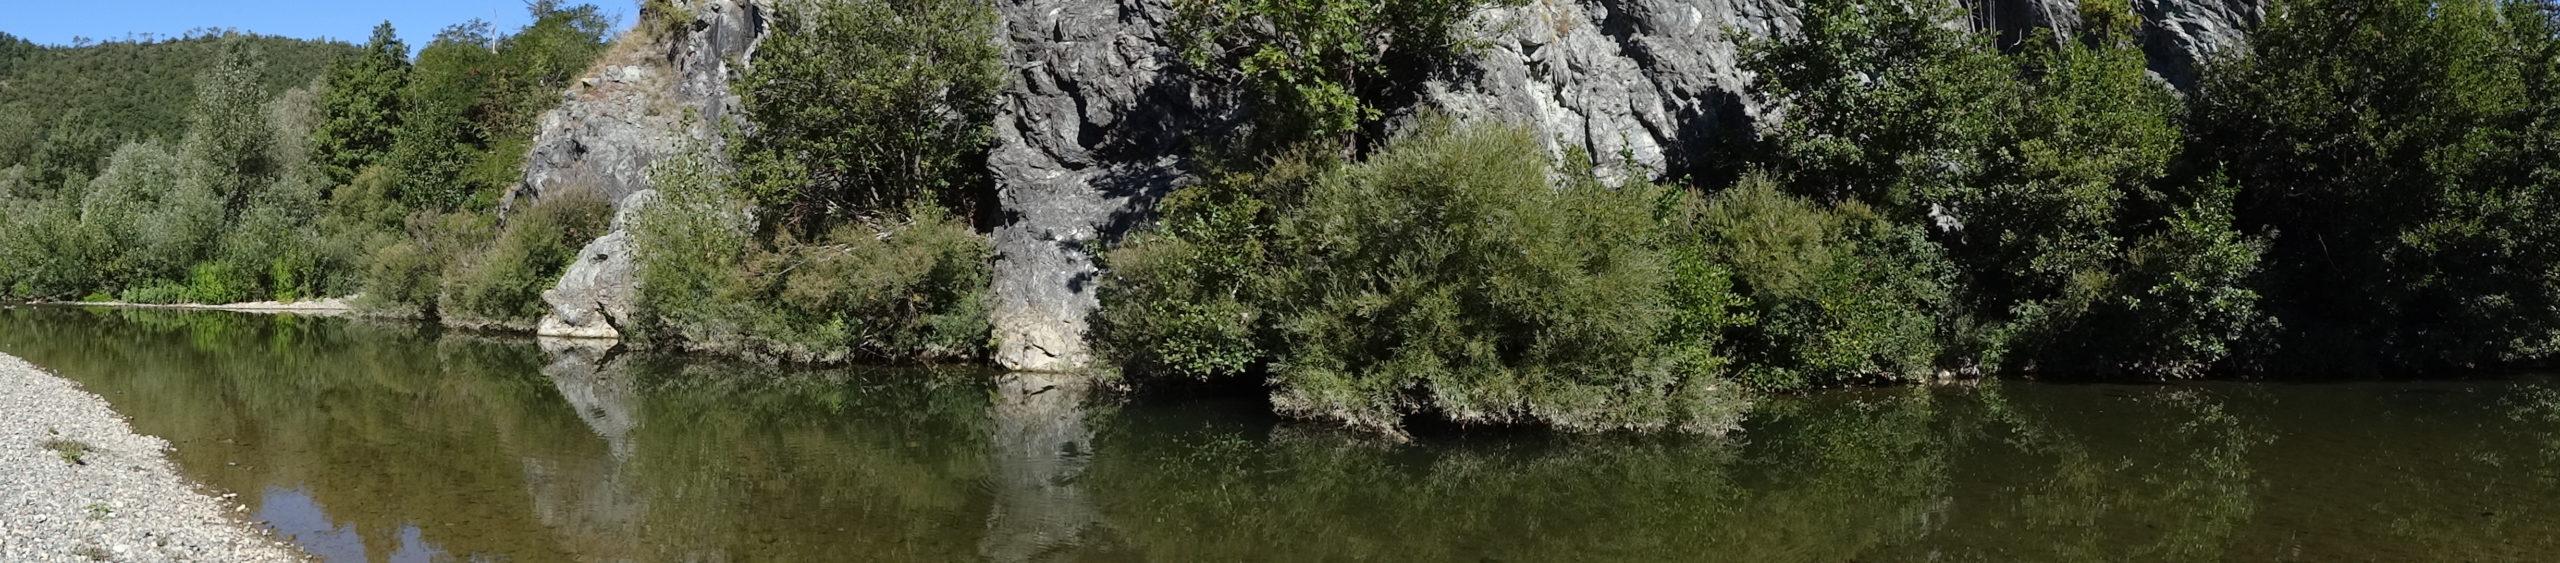 lago-dei-gulli-3